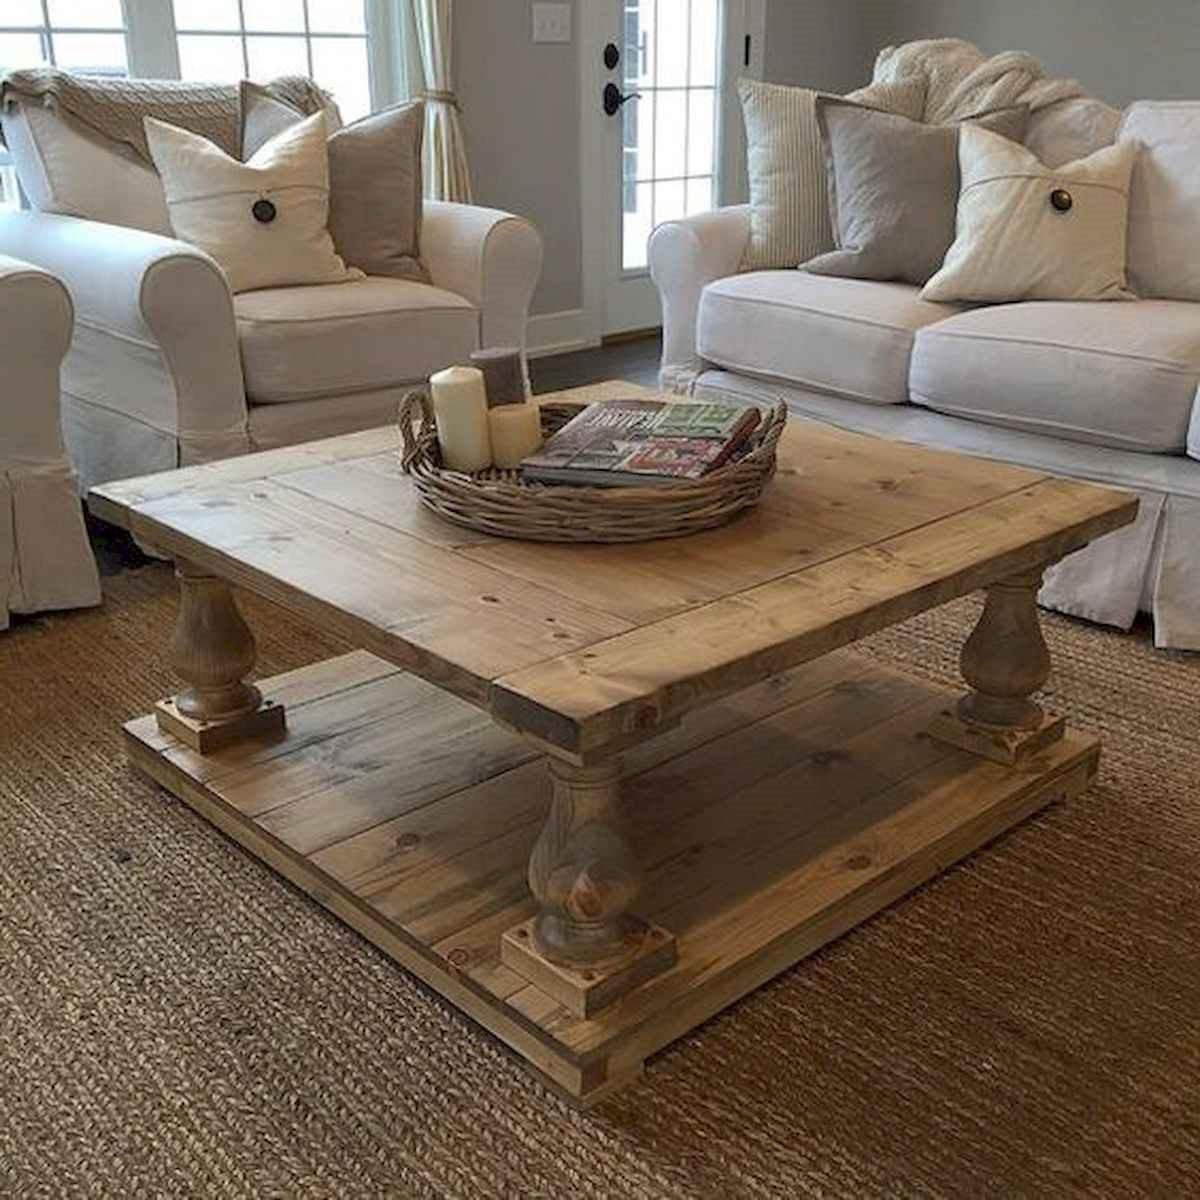 Cette élégante table basse sera l'accent général dans votre salon.